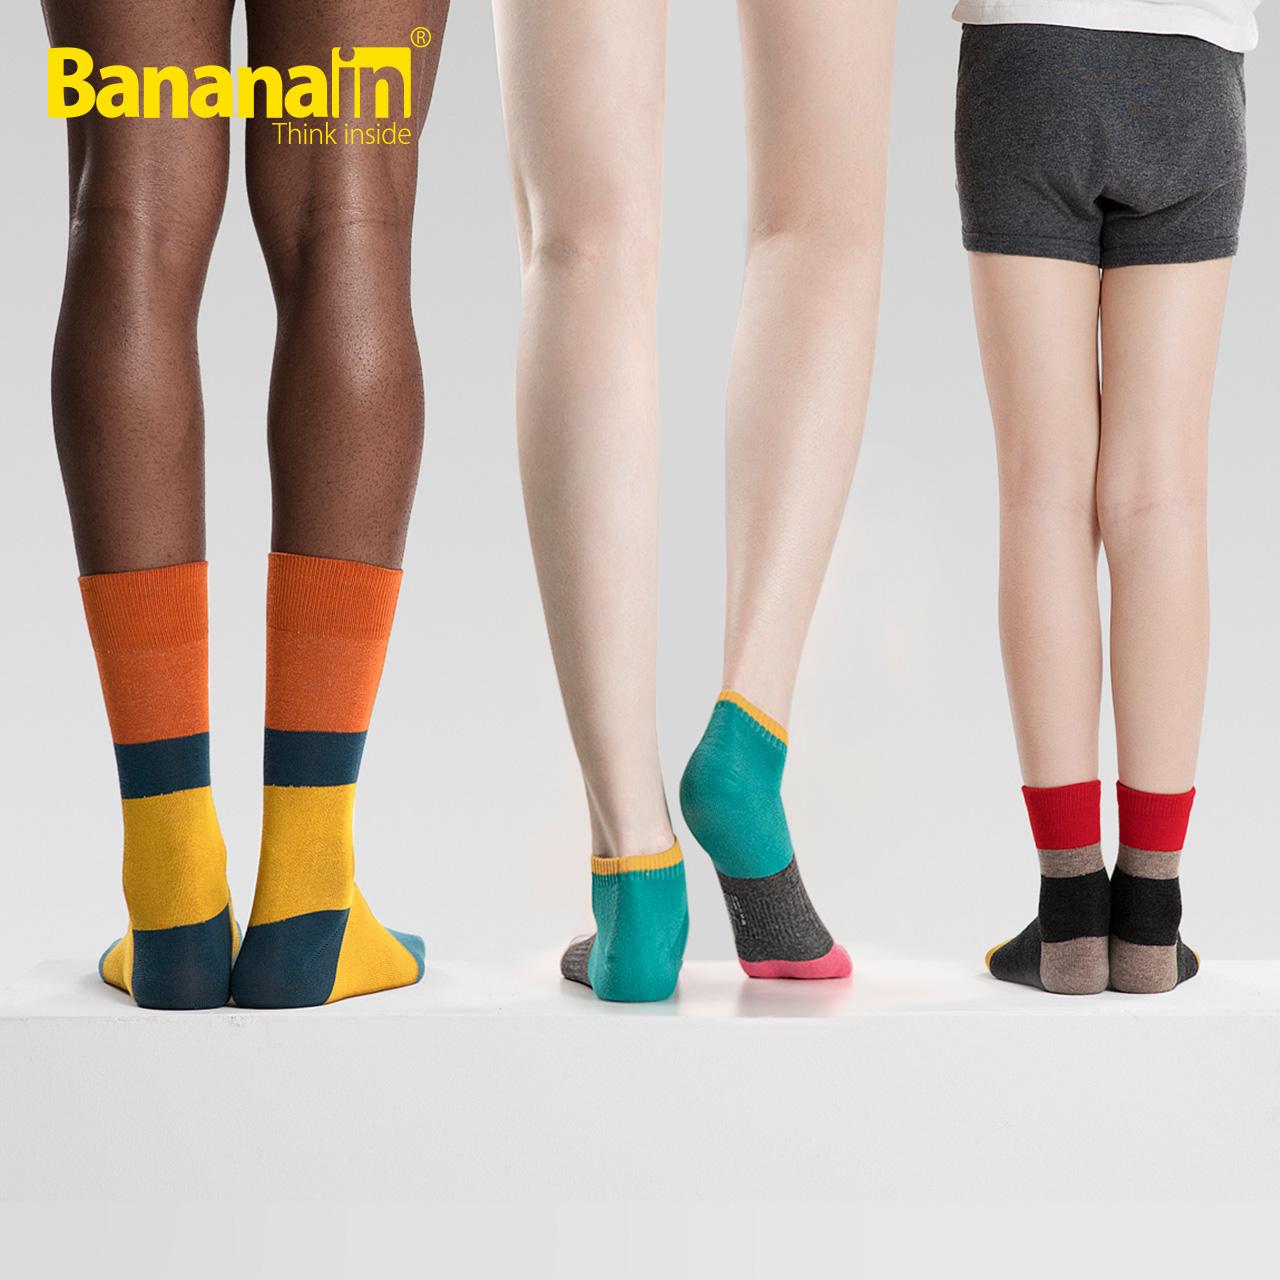 4双Bananain蕉内555C全家福袜子女彩色中筒袜男秋季棉质儿童袜薄